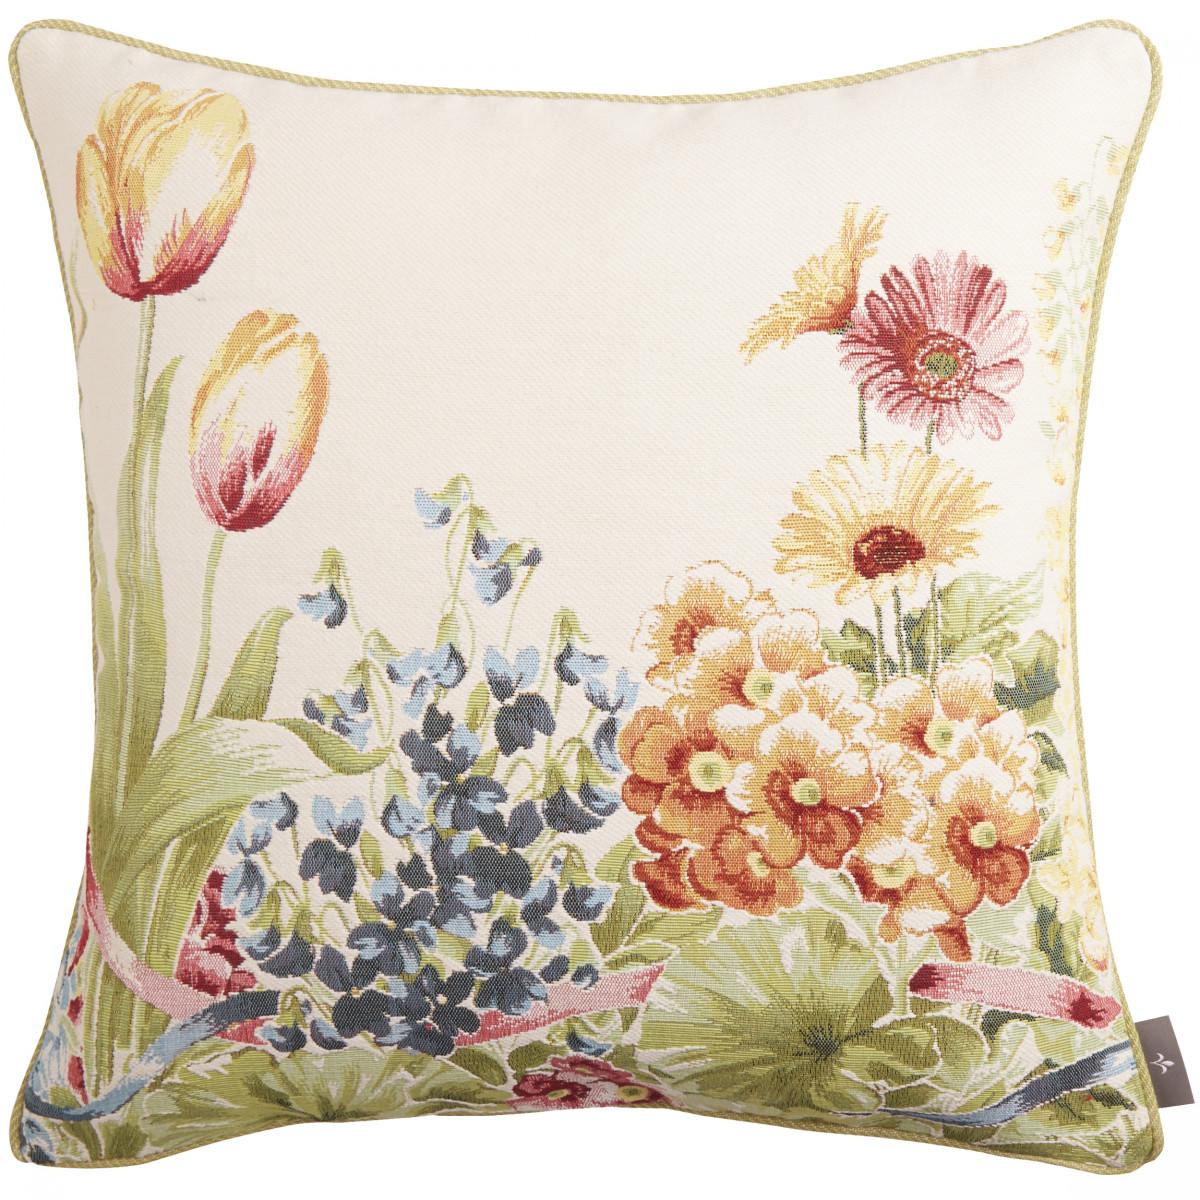 Coussin tapisserie jardin de fleurs Blanc 50 x 50